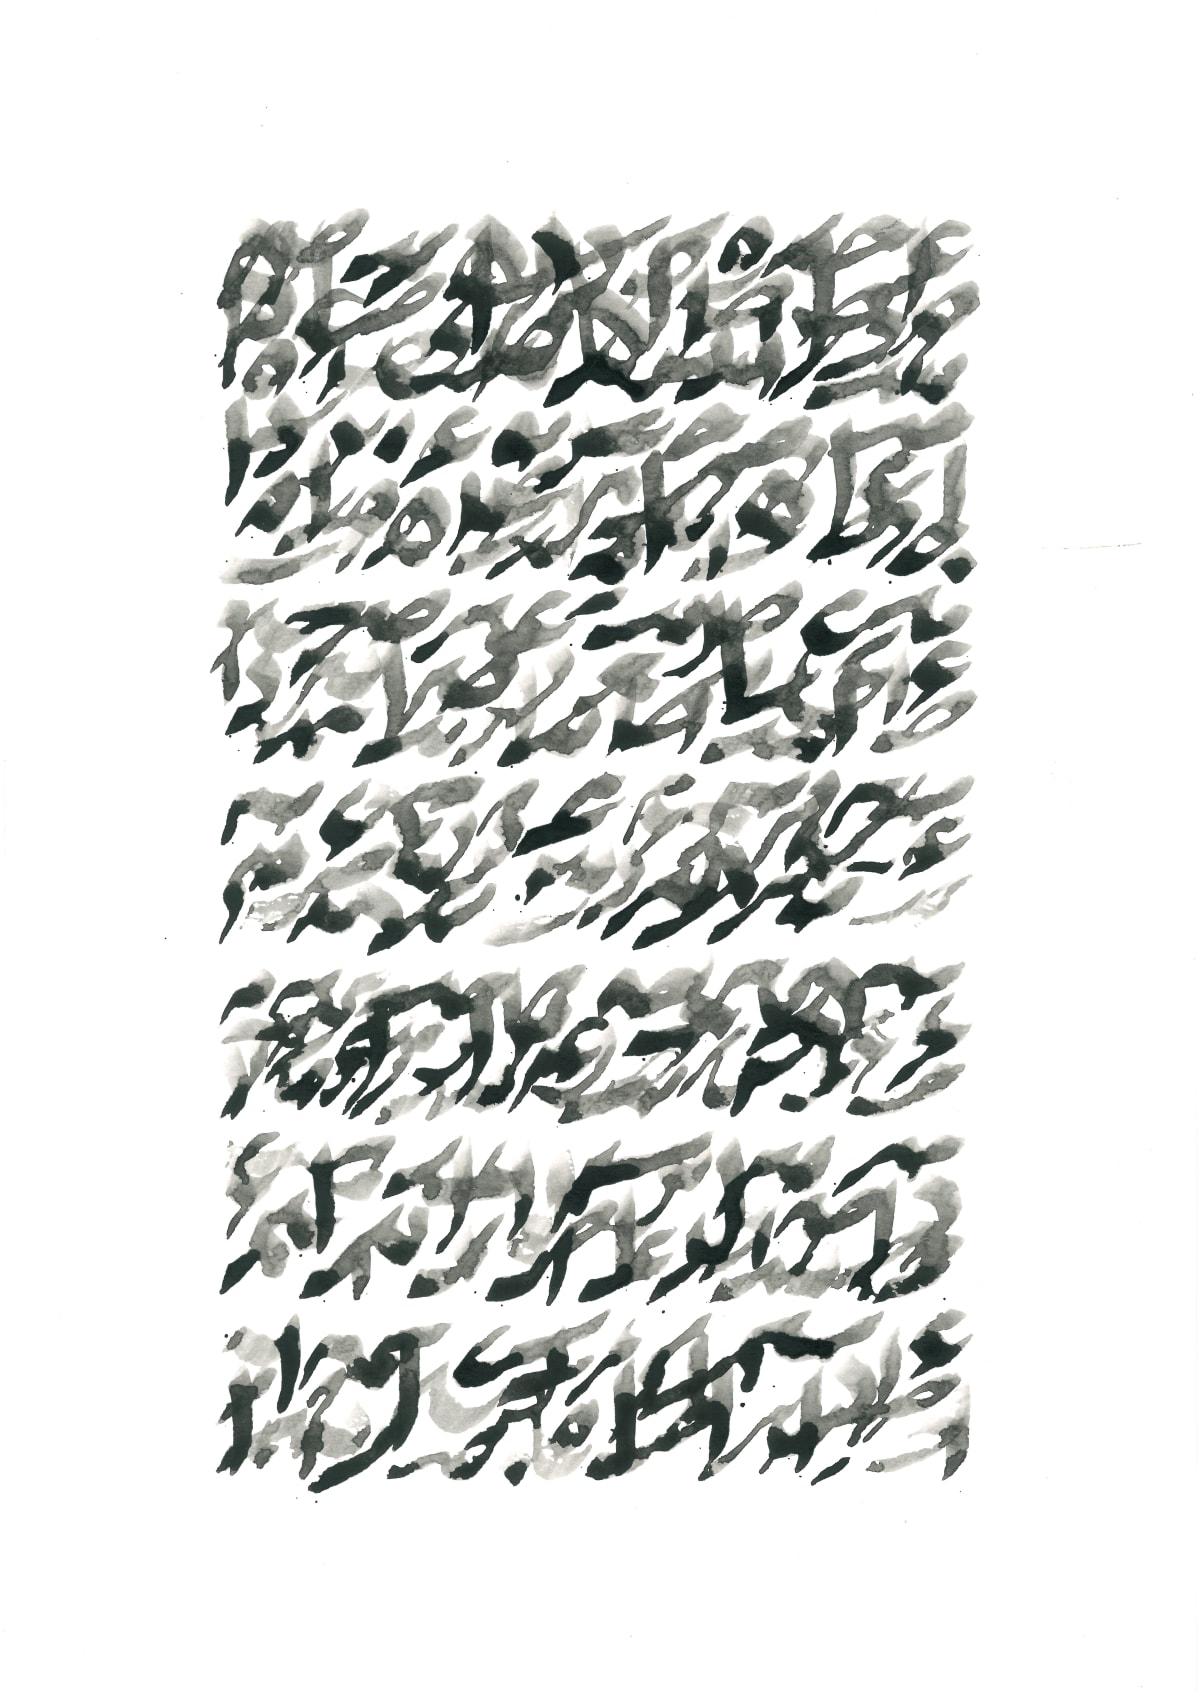 Mohammad Ali Talpur b. 1976Untitled (1), 2020 Ink on paper 42 x 29 cm 16 1/2 x 11 7/16 in